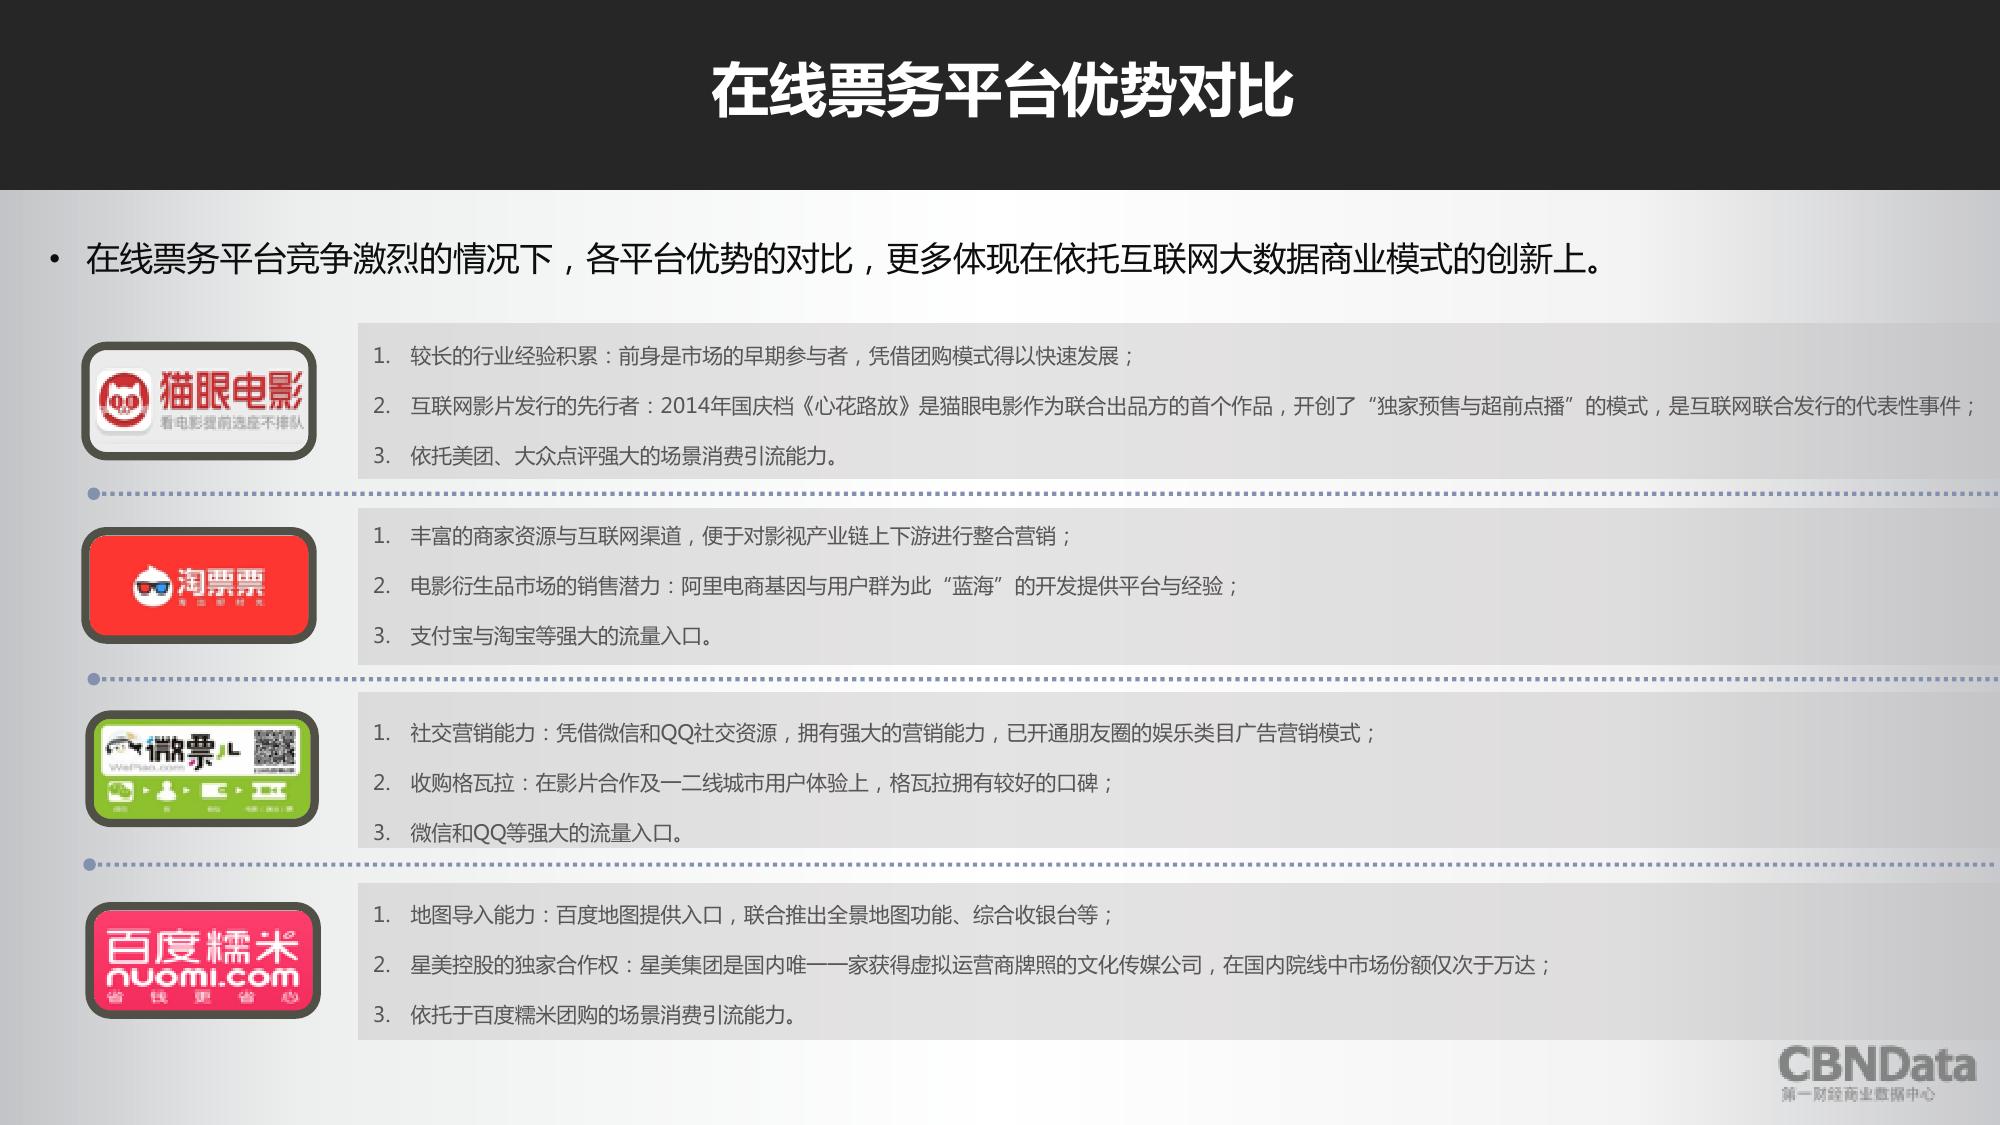 2016上半年中国在线票务平台大数据报告_000015